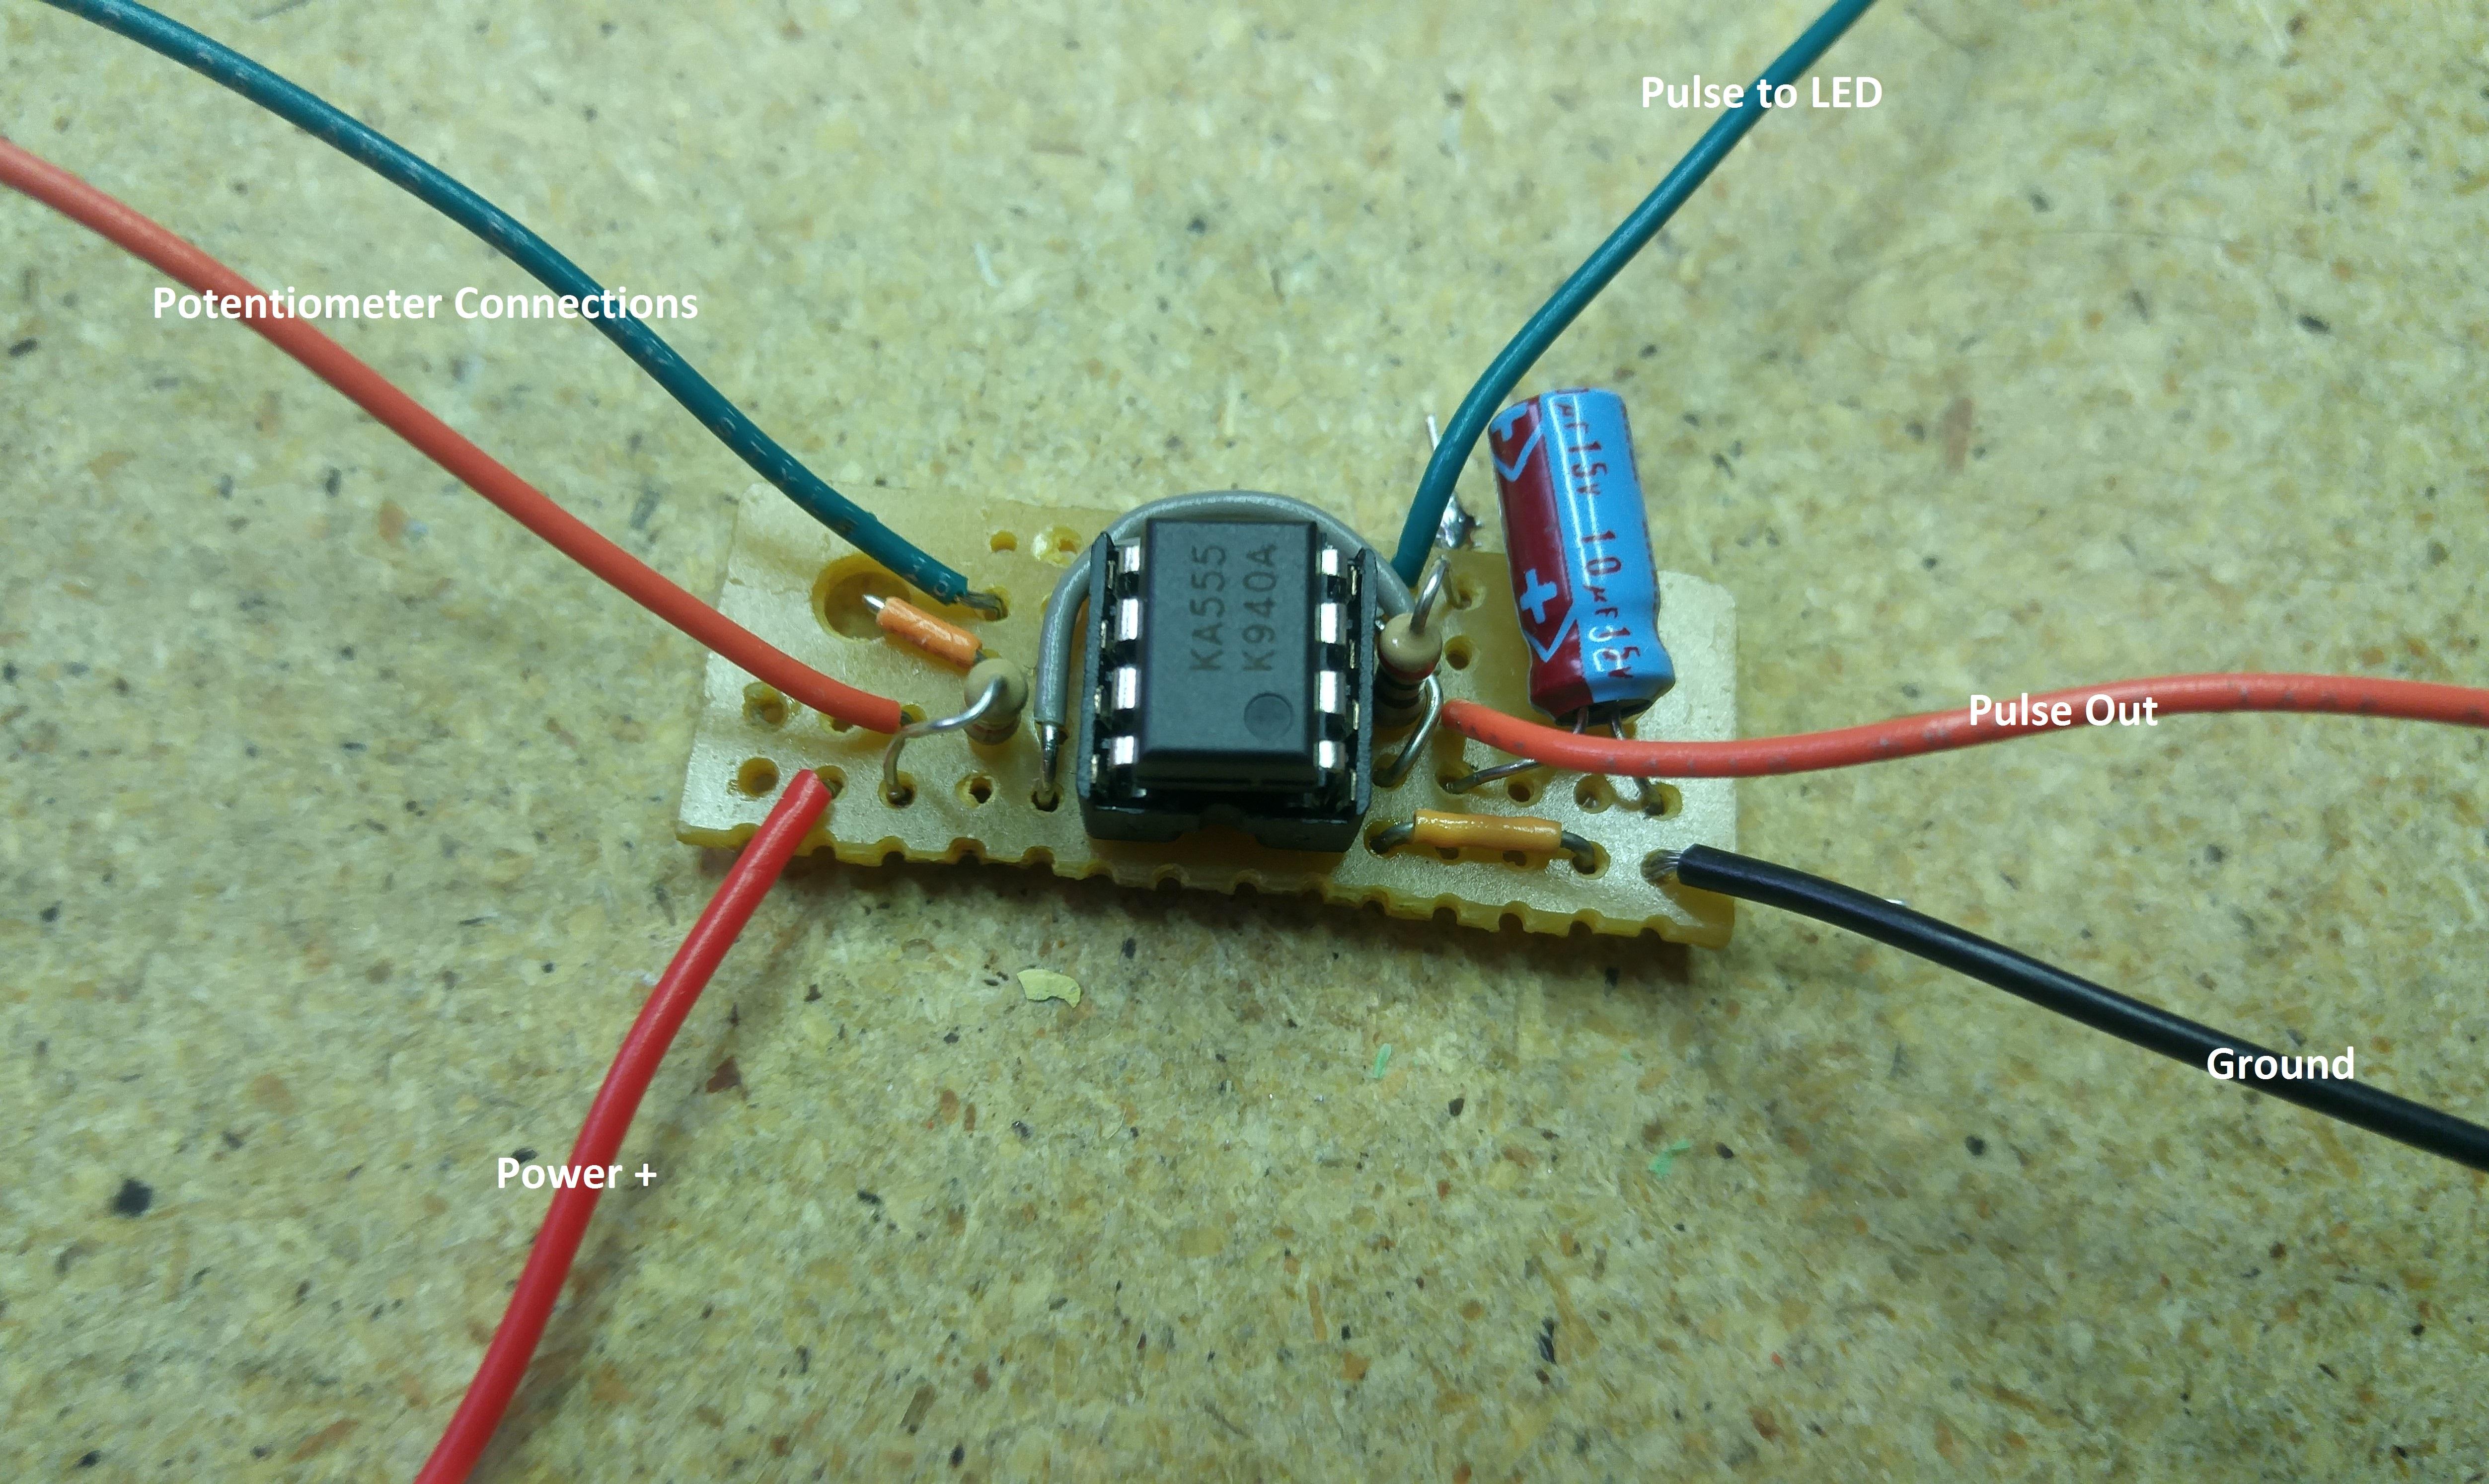 vtech apple part 5 \u2013 555 trigger oscillator sam vs sound555 Timer Kit Compact 555 Lfo Kit Great For Triggering Sounds Adding #6